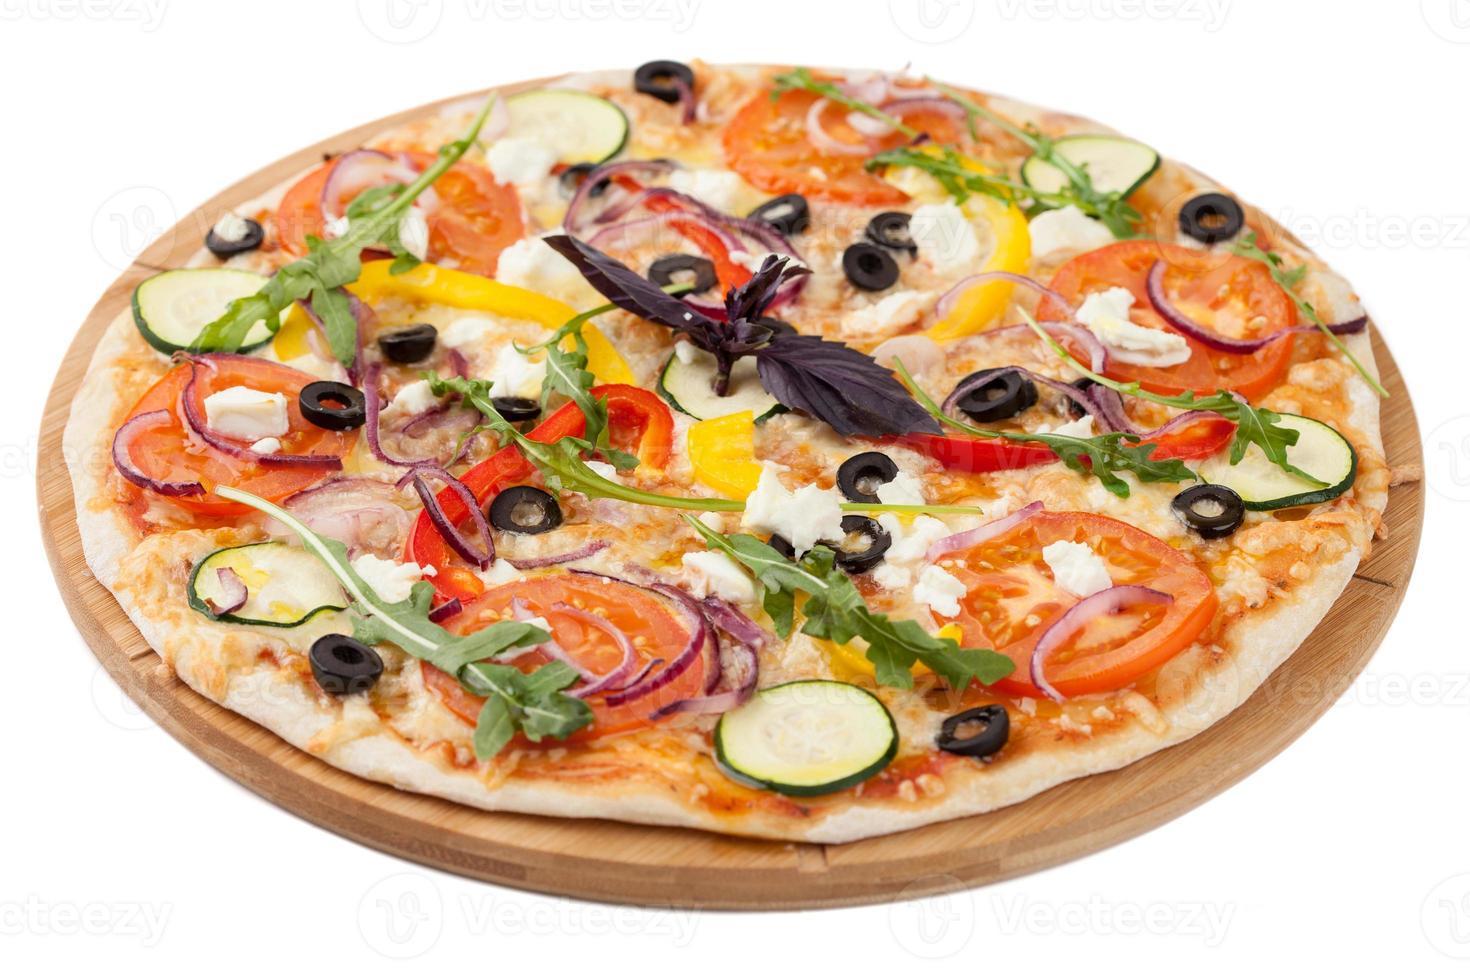 pizza maison sur fond blanc photo